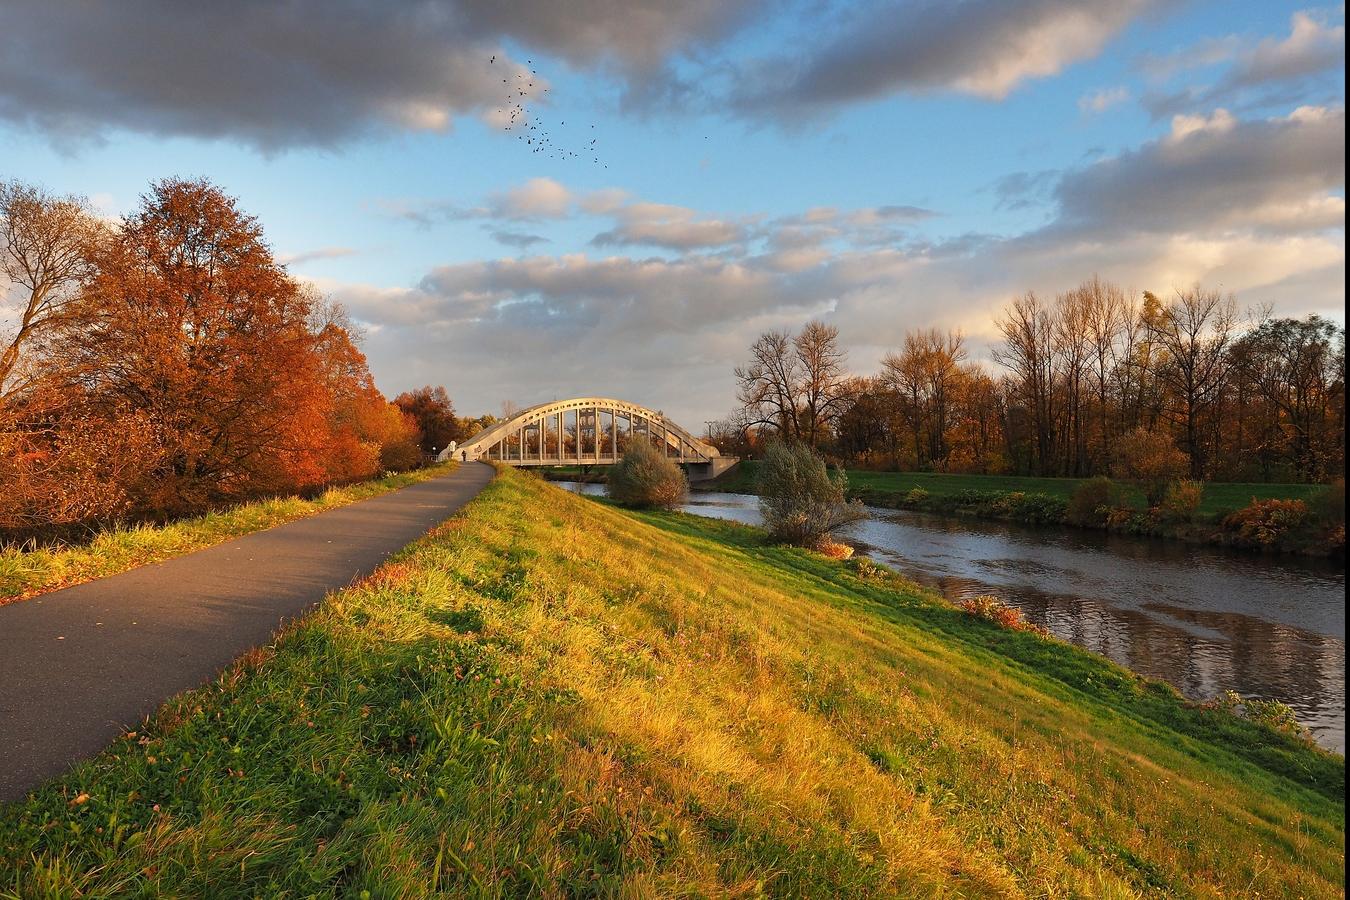 Podzim, večer, most + světlo